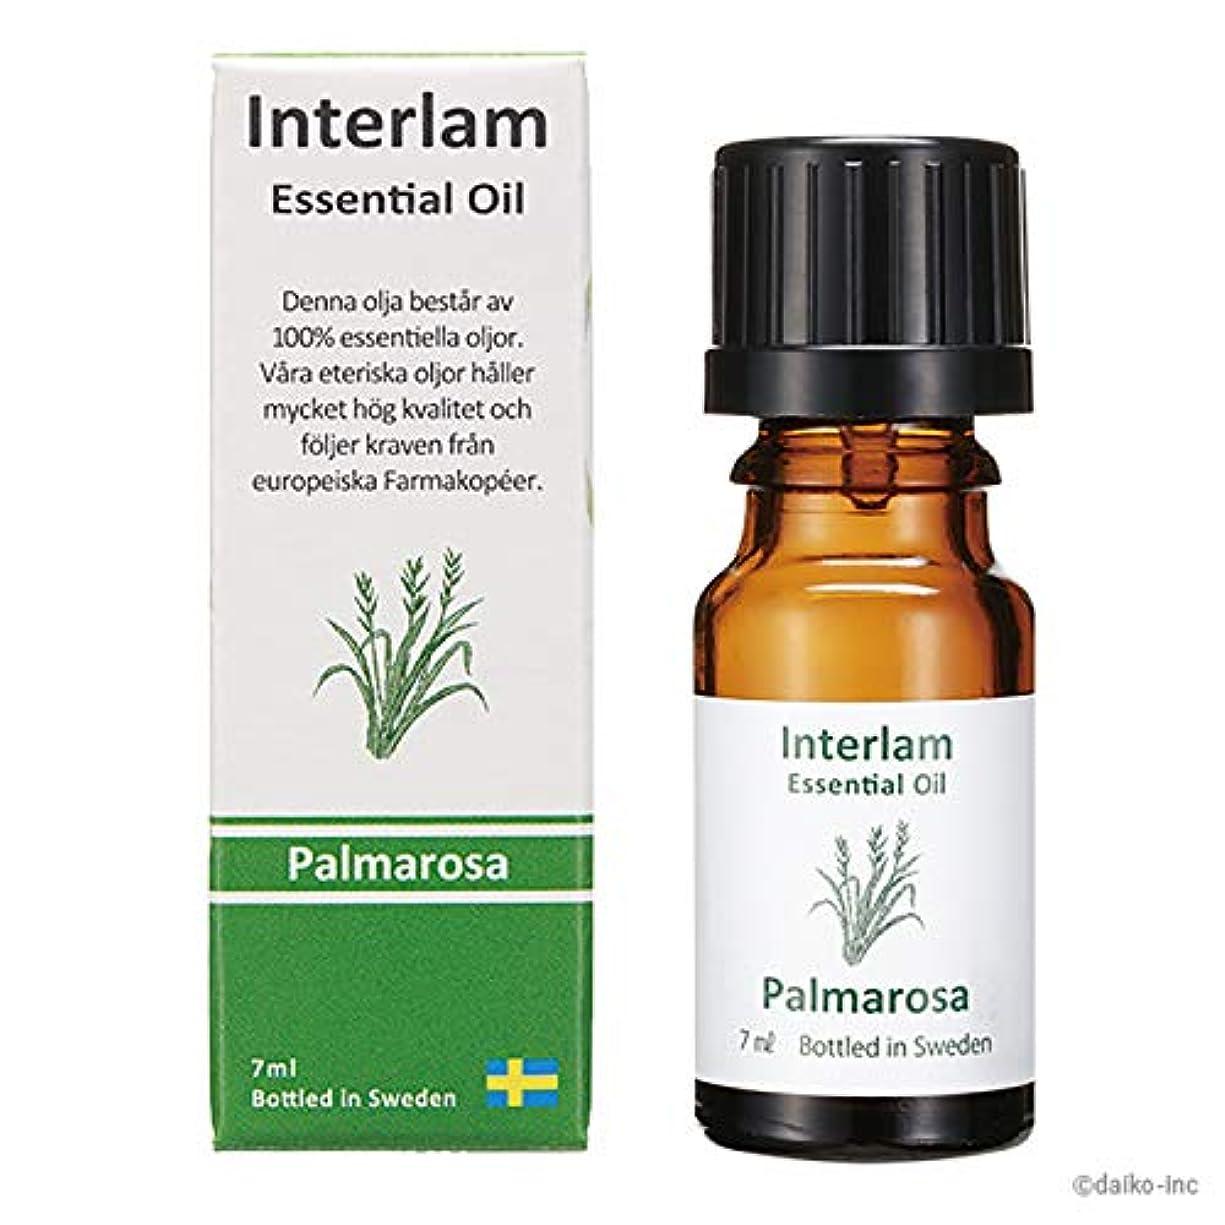 慣習有毒な違反する大香 Interlam エッセンシャルオイル パルマローザ 7ml 27mm×27mm×75mm